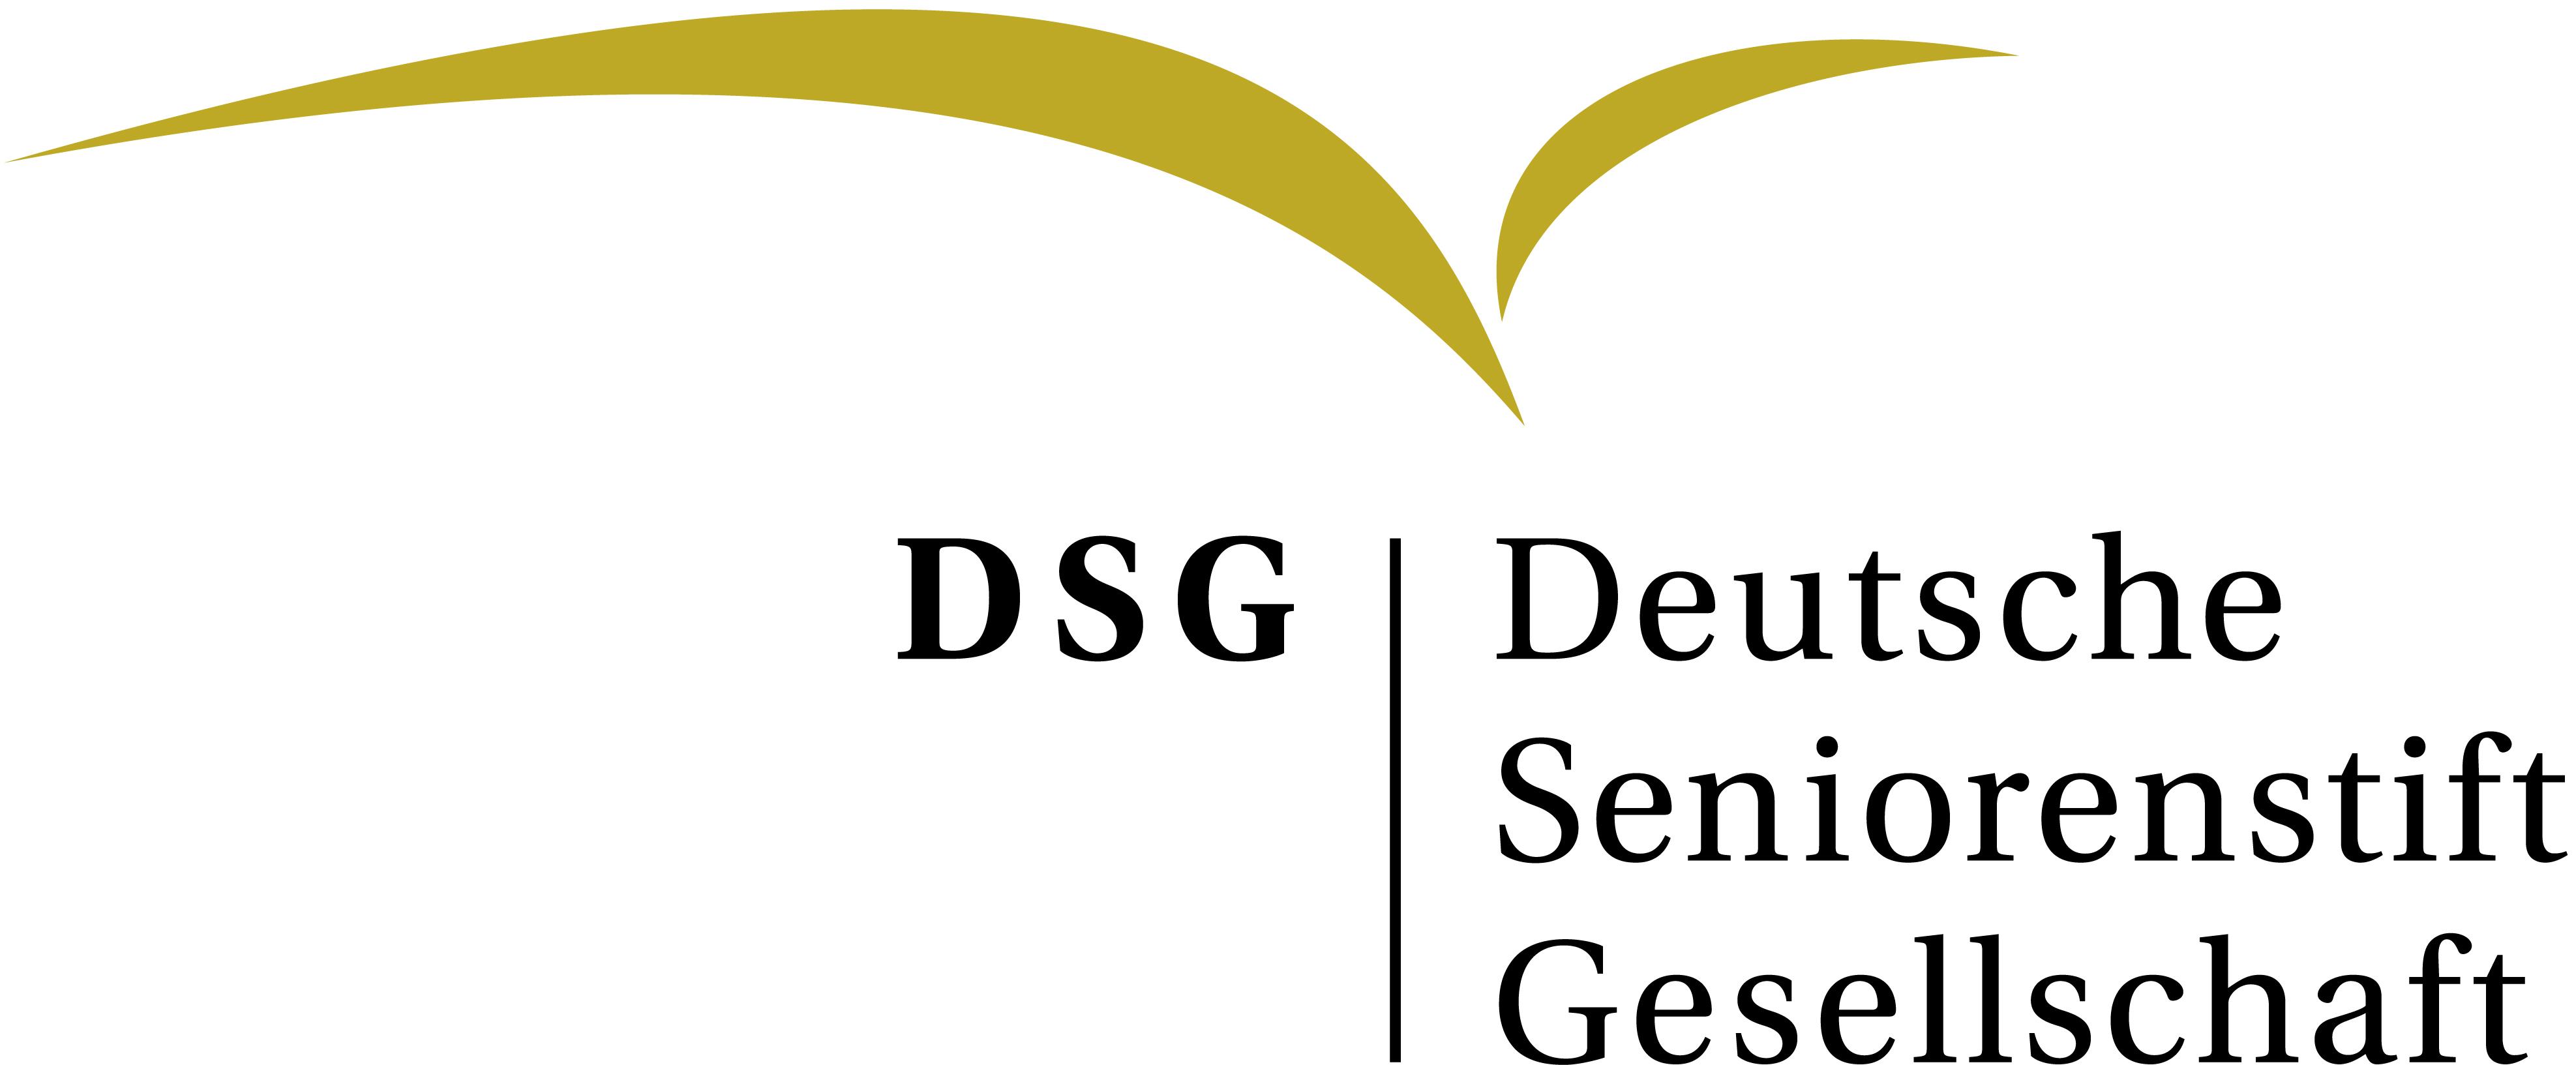 Stellenangebote DSG